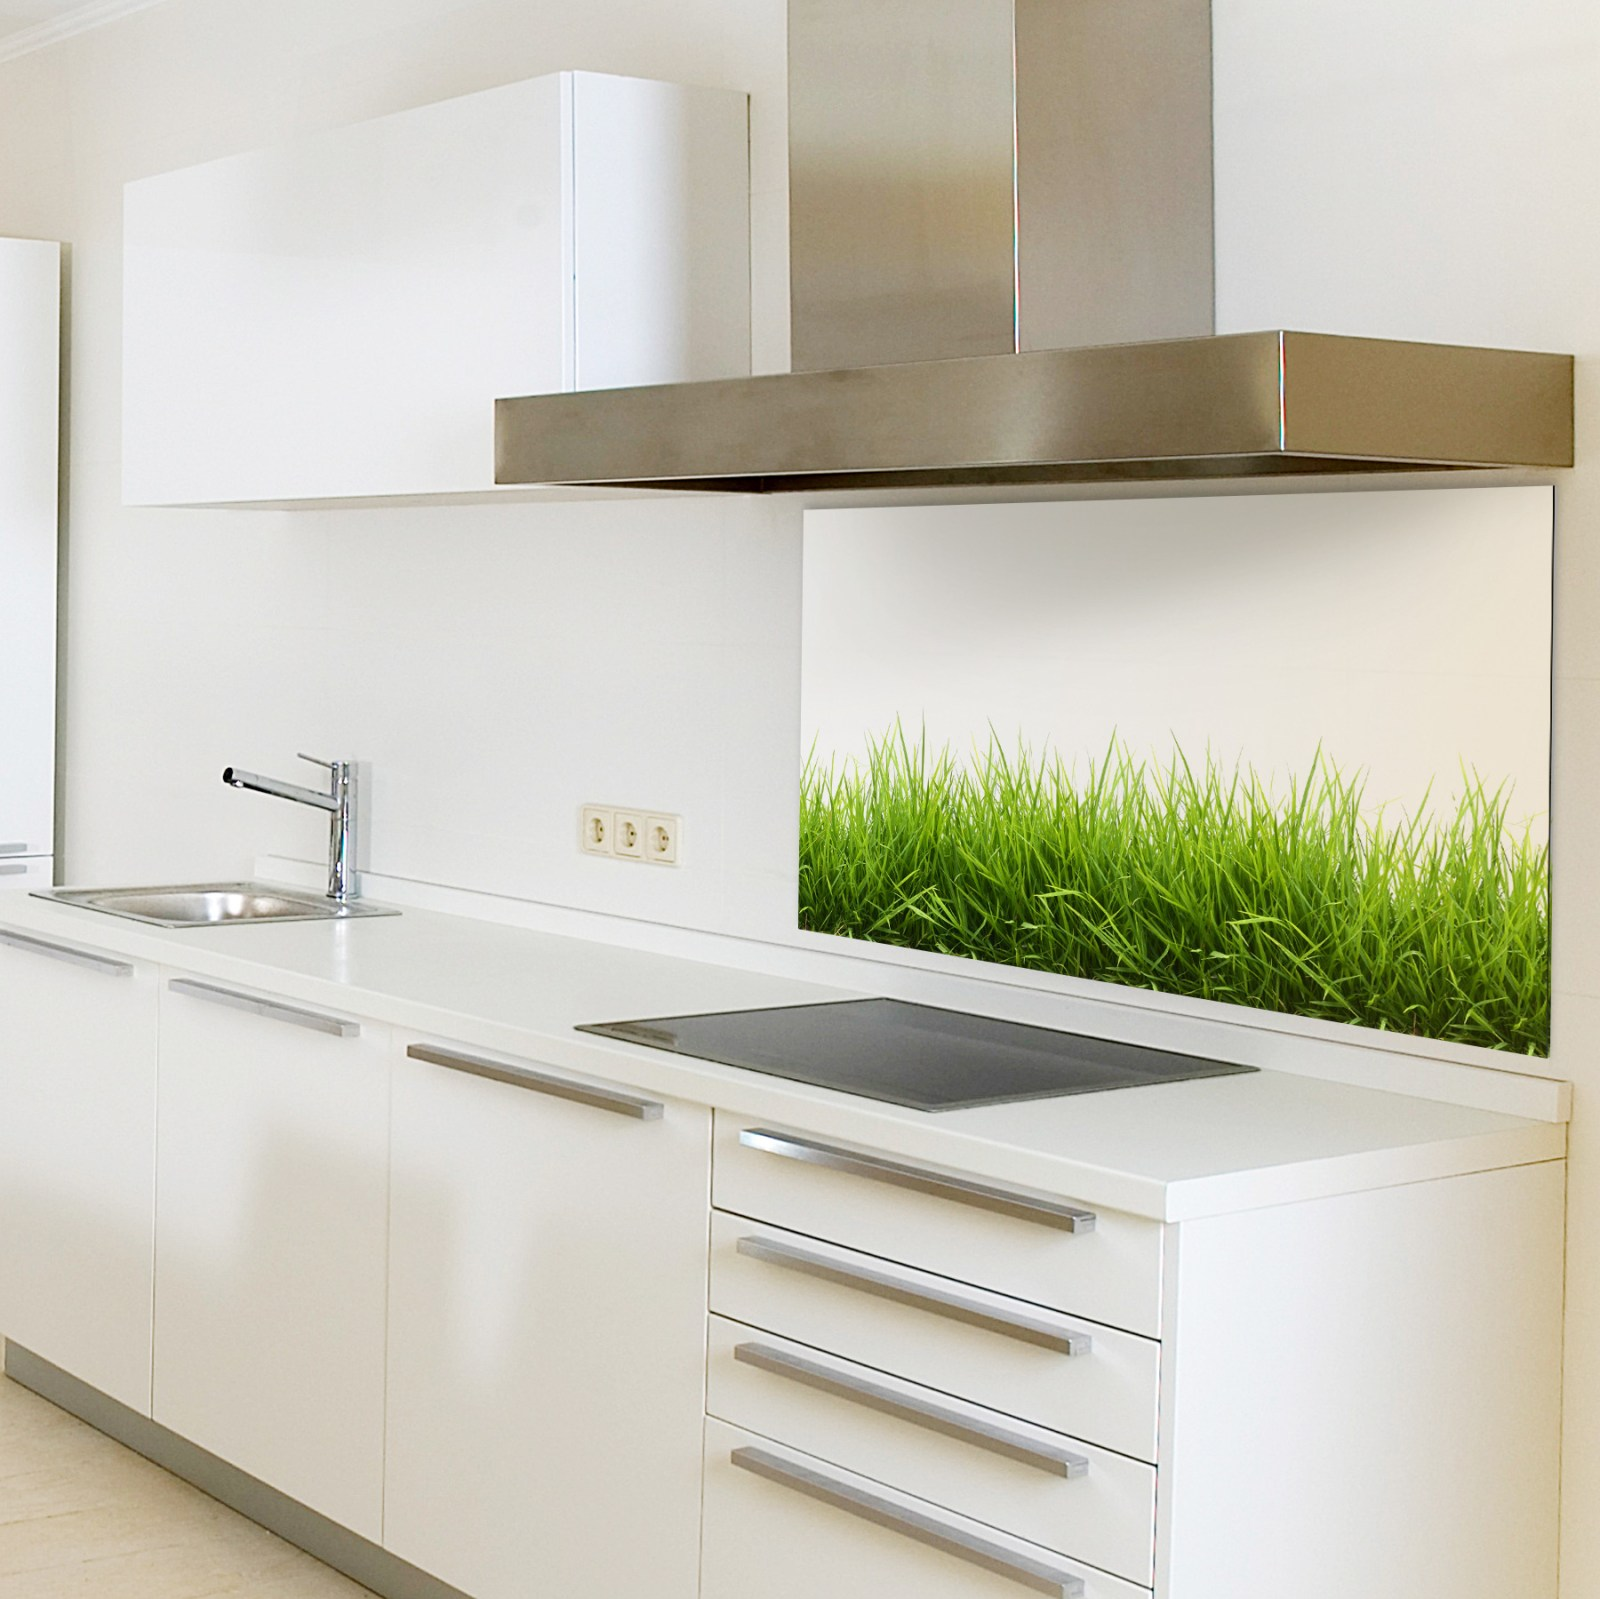 spritzschutzwand aus glas motiv gras f r ihre k che oder. Black Bedroom Furniture Sets. Home Design Ideas